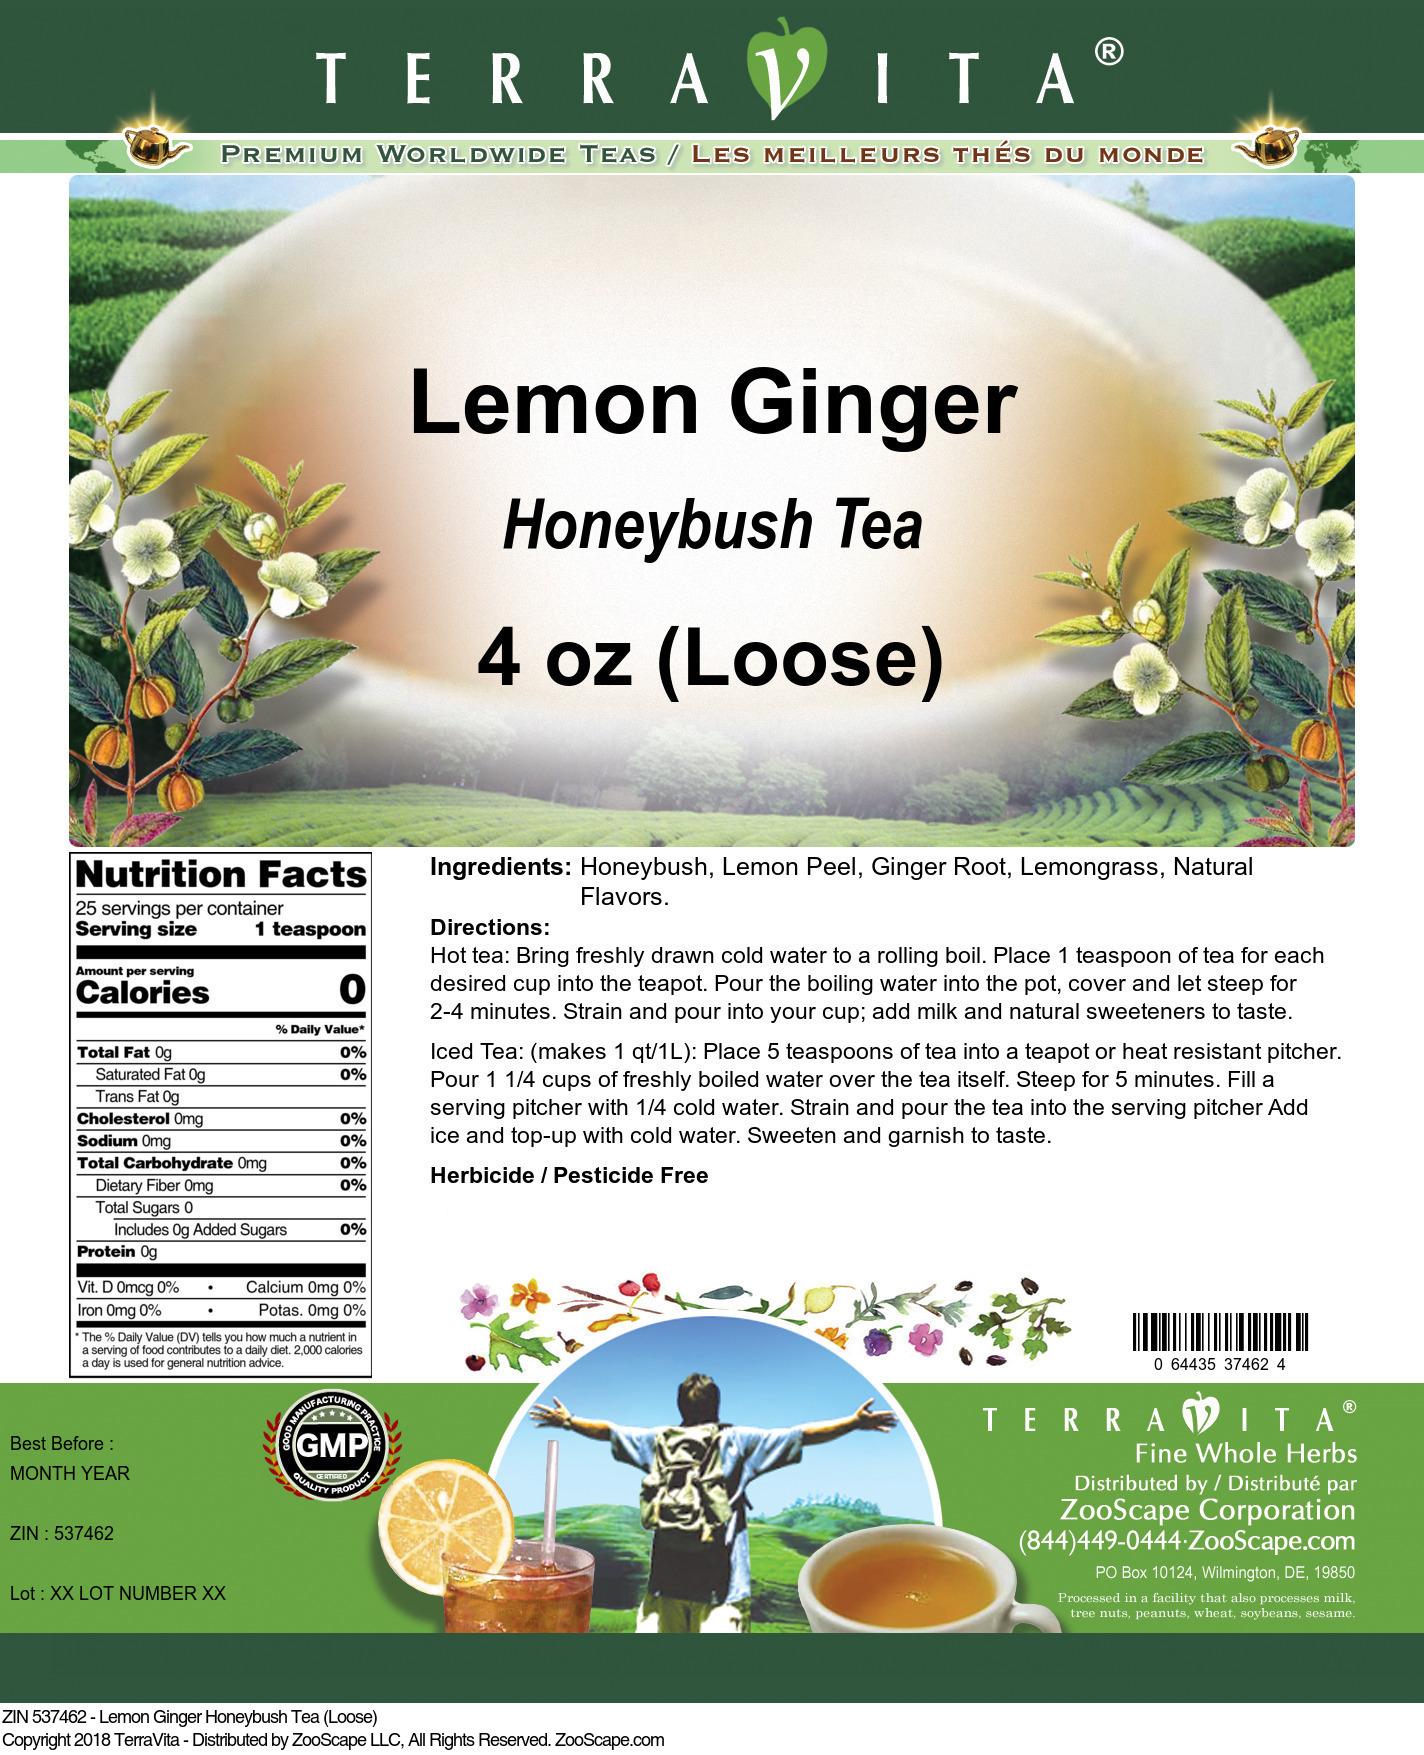 Lemon Ginger Honeybush Tea